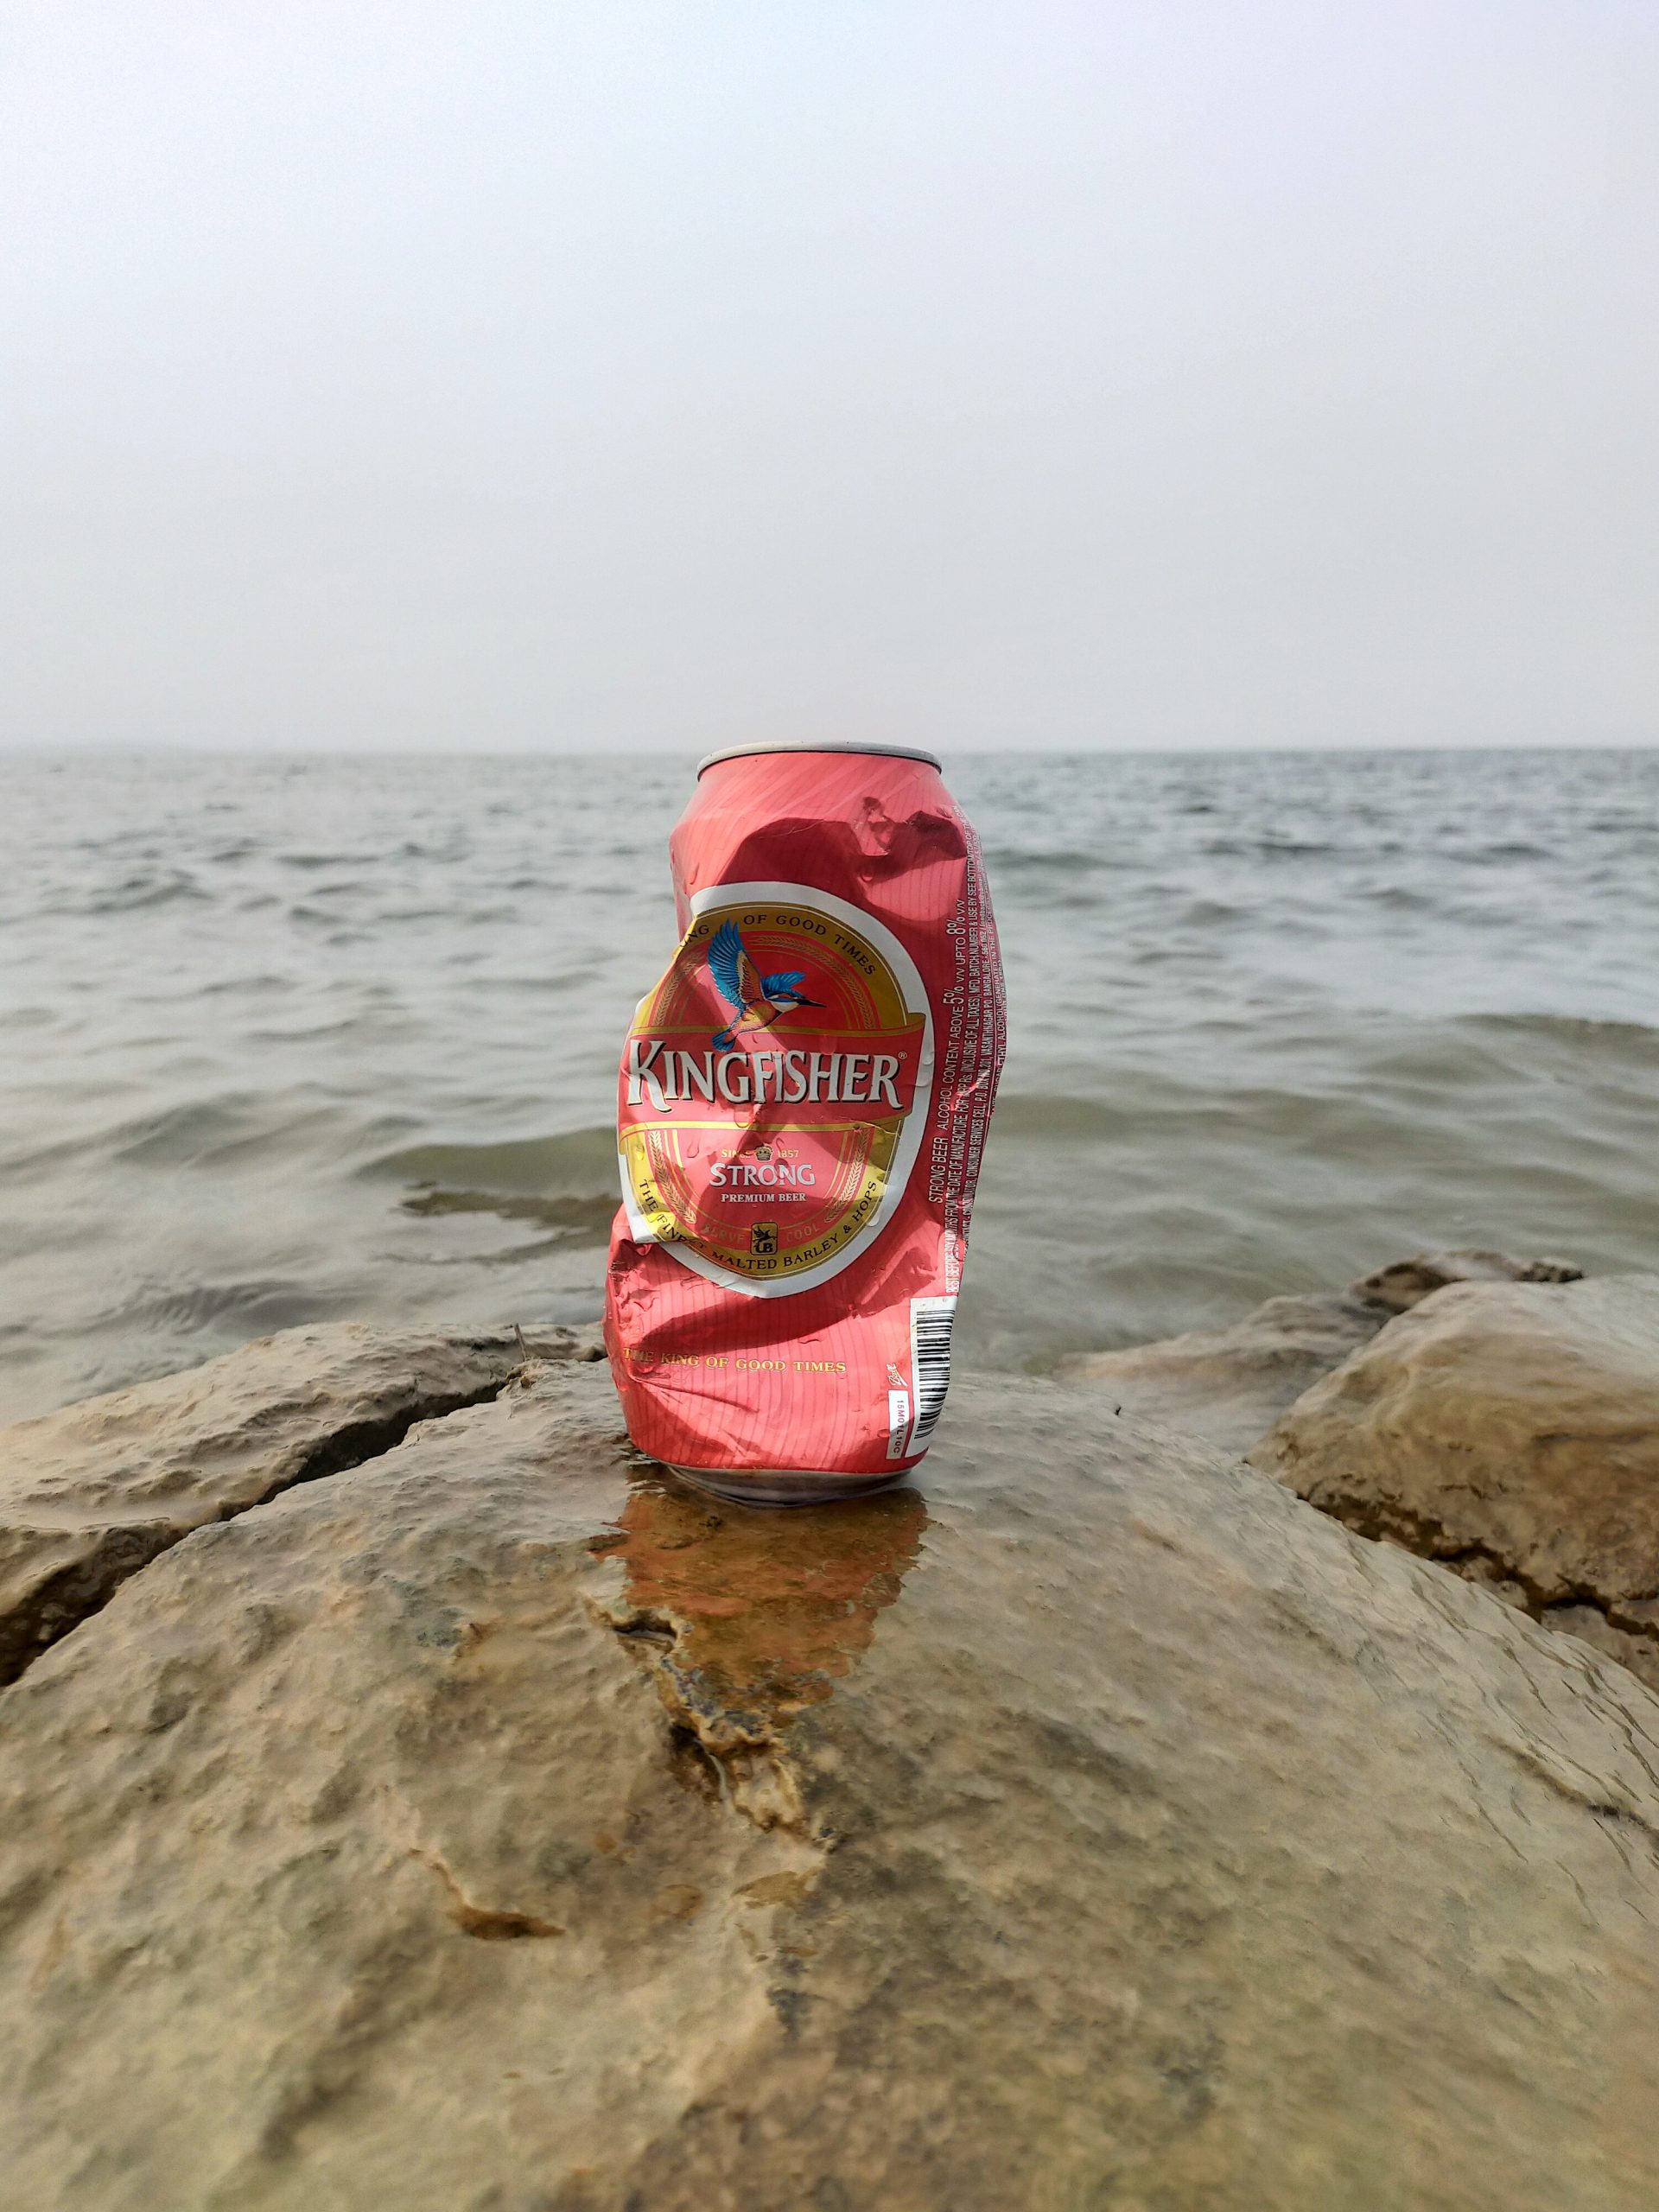 crashed kingfisher bottle on rock